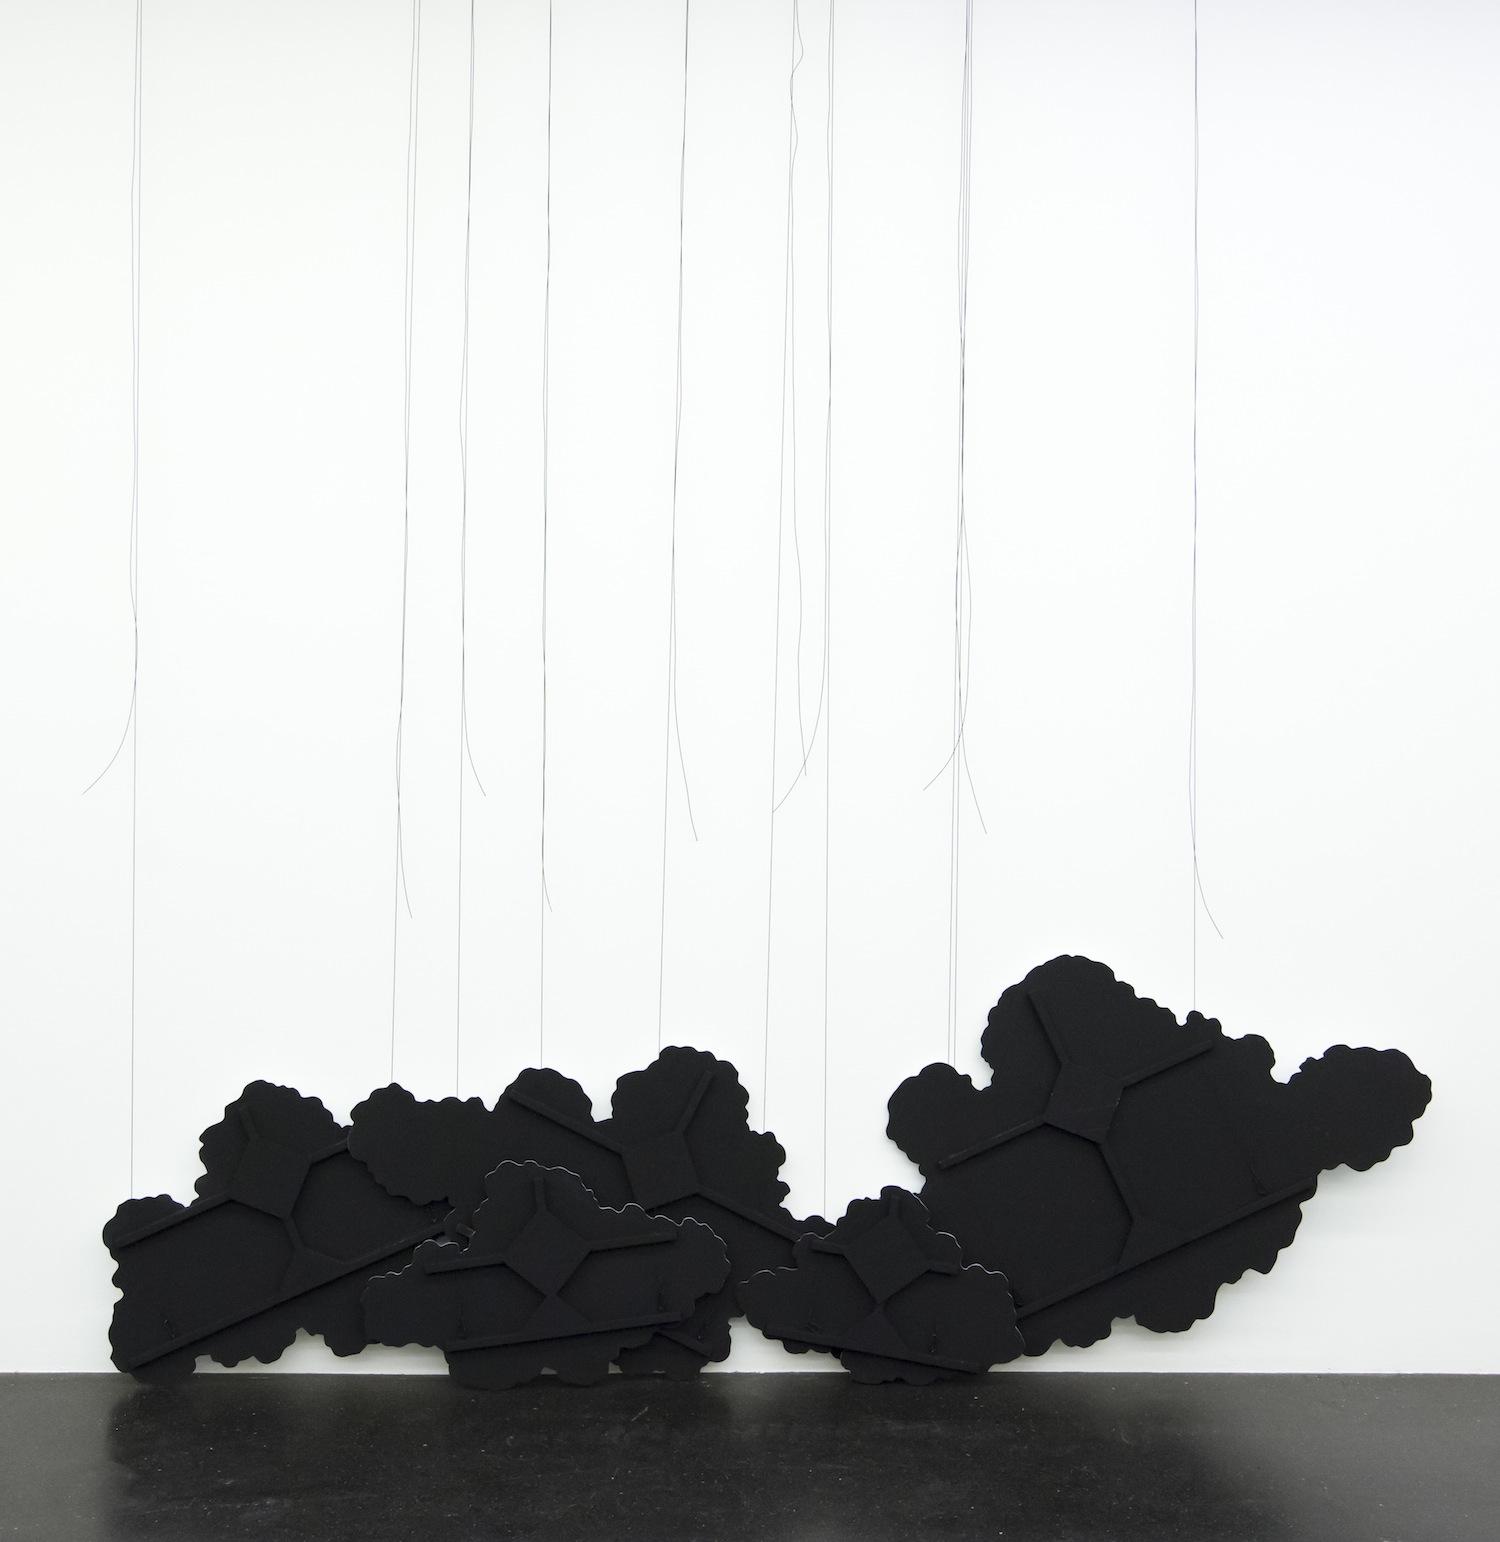 Latifa Echakhch, Untitled (black clouds), 2015, installation view, Lentos Kunstmuseum, Linz, 2015 Photo Reinhard Haider